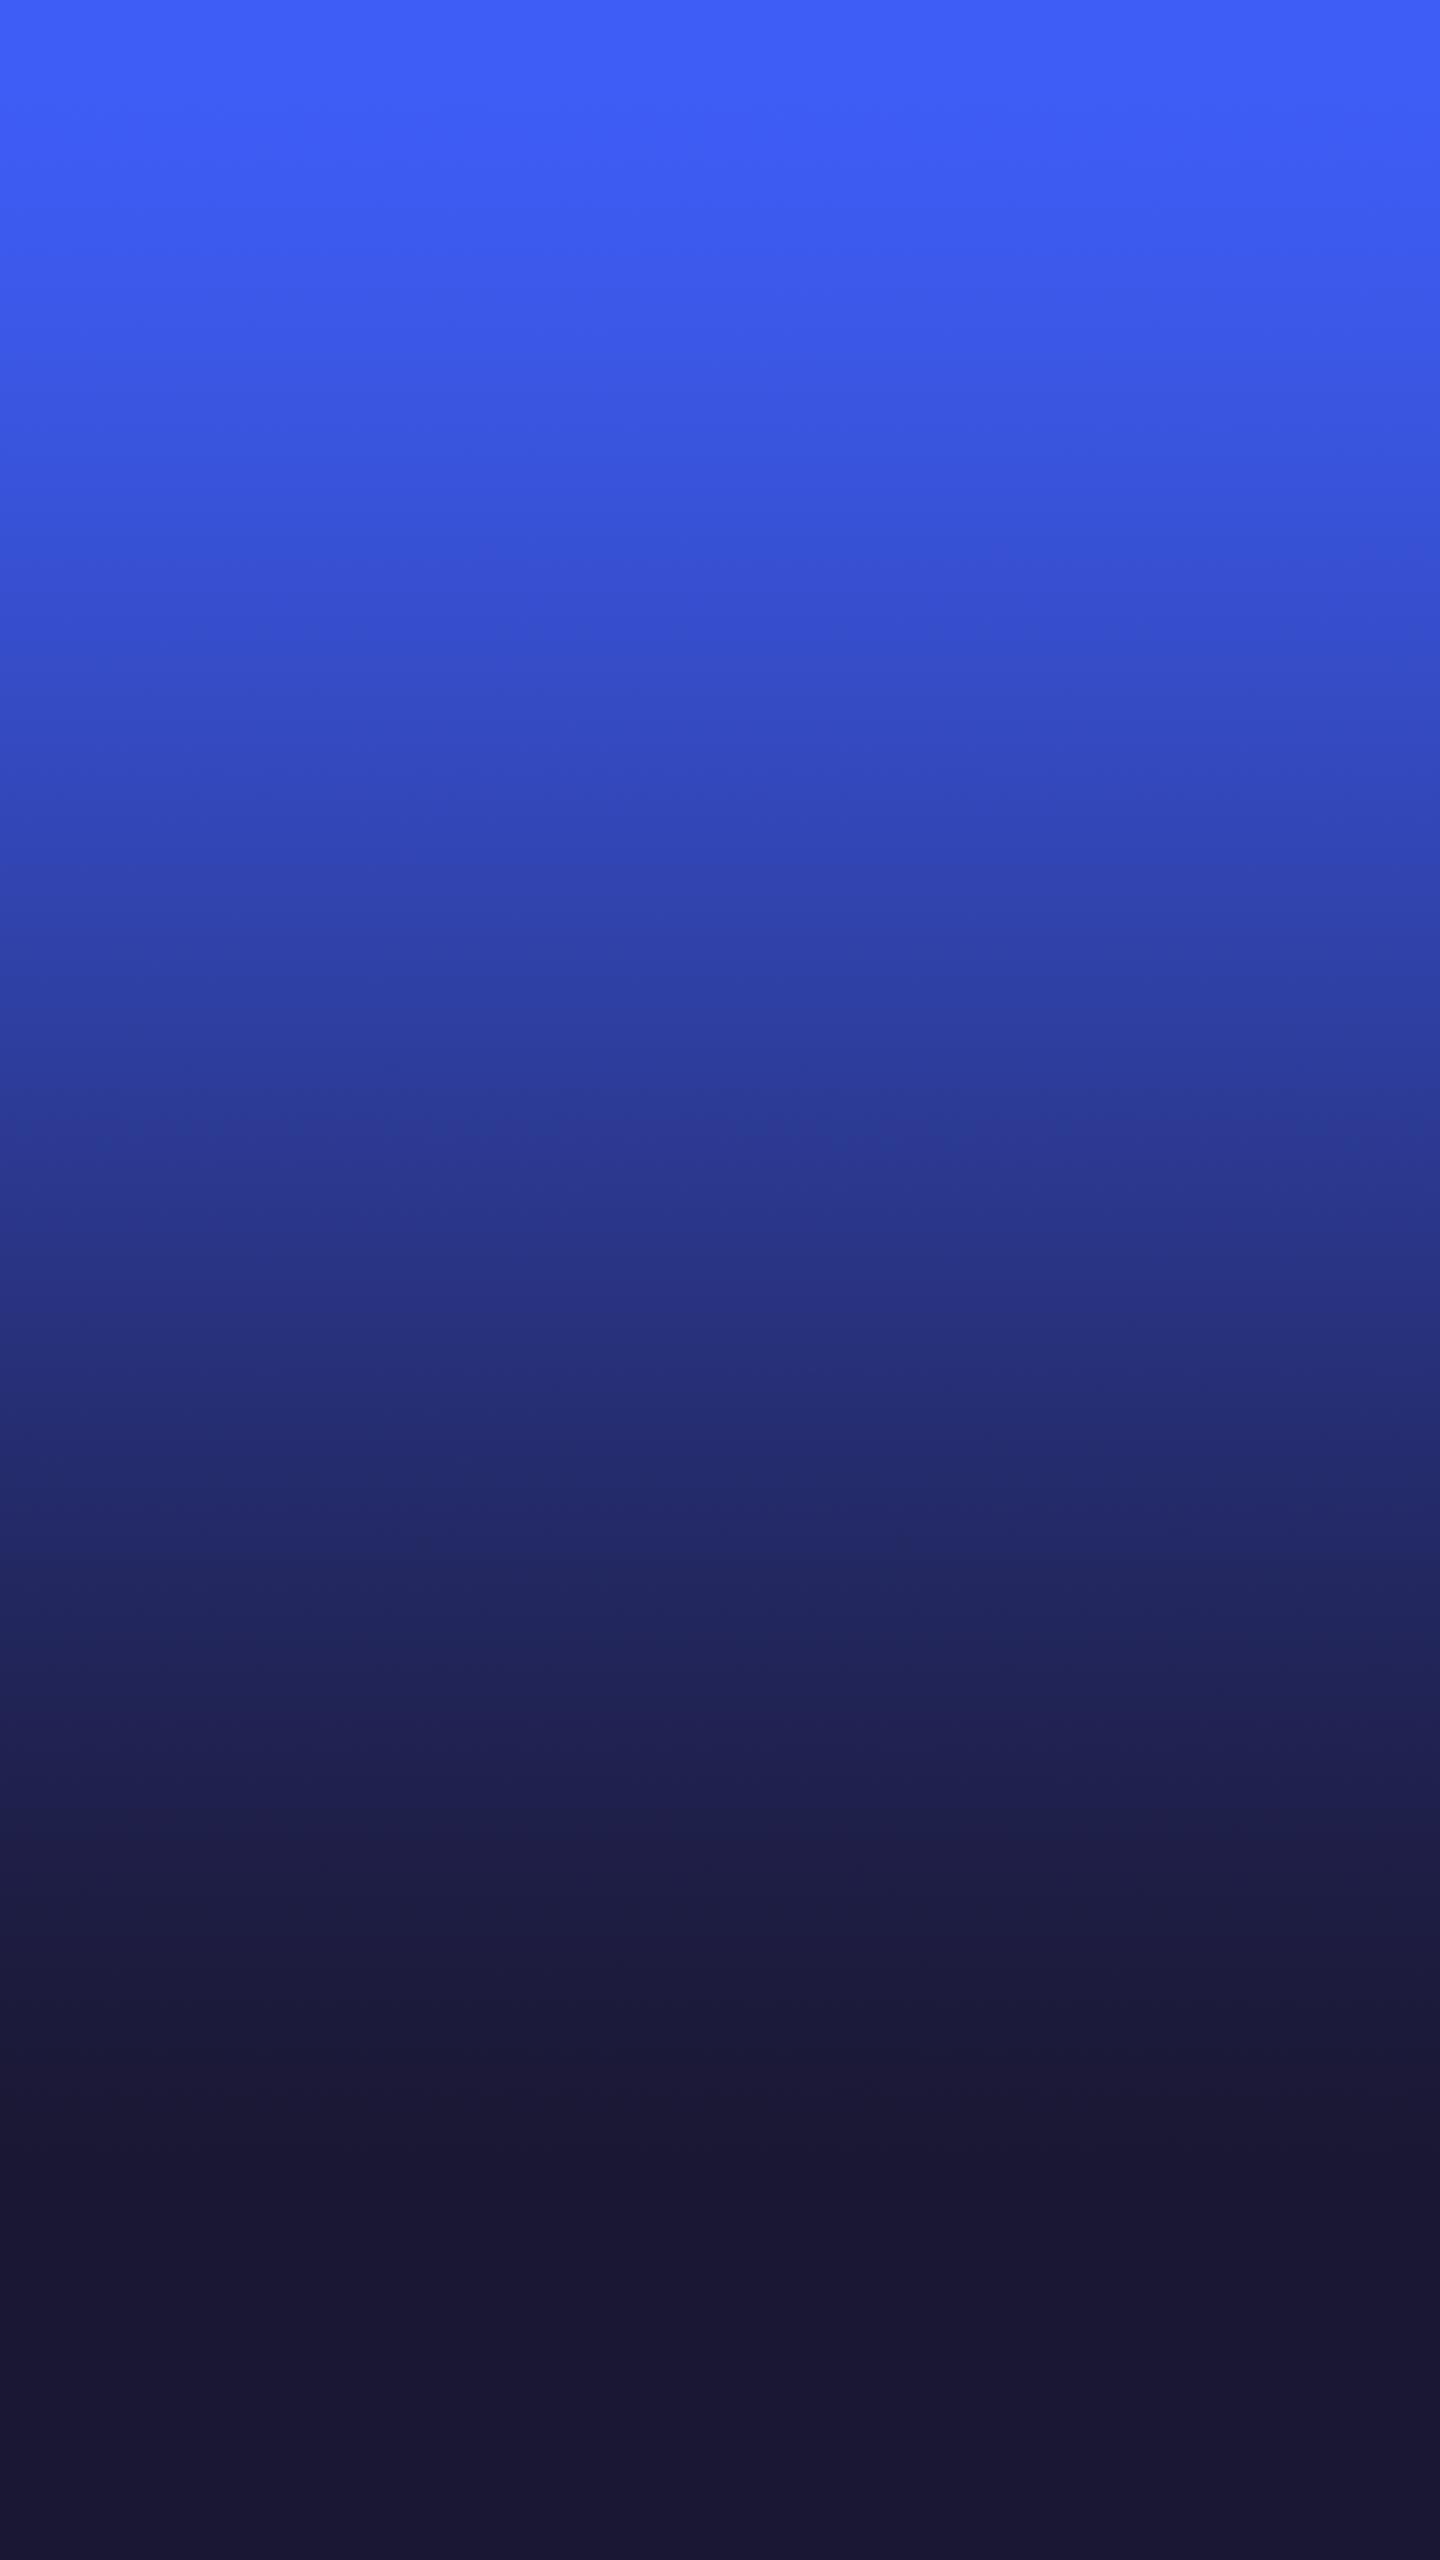 Ya puedes descargar los fondos de pantalla del Samsung 1440x2560